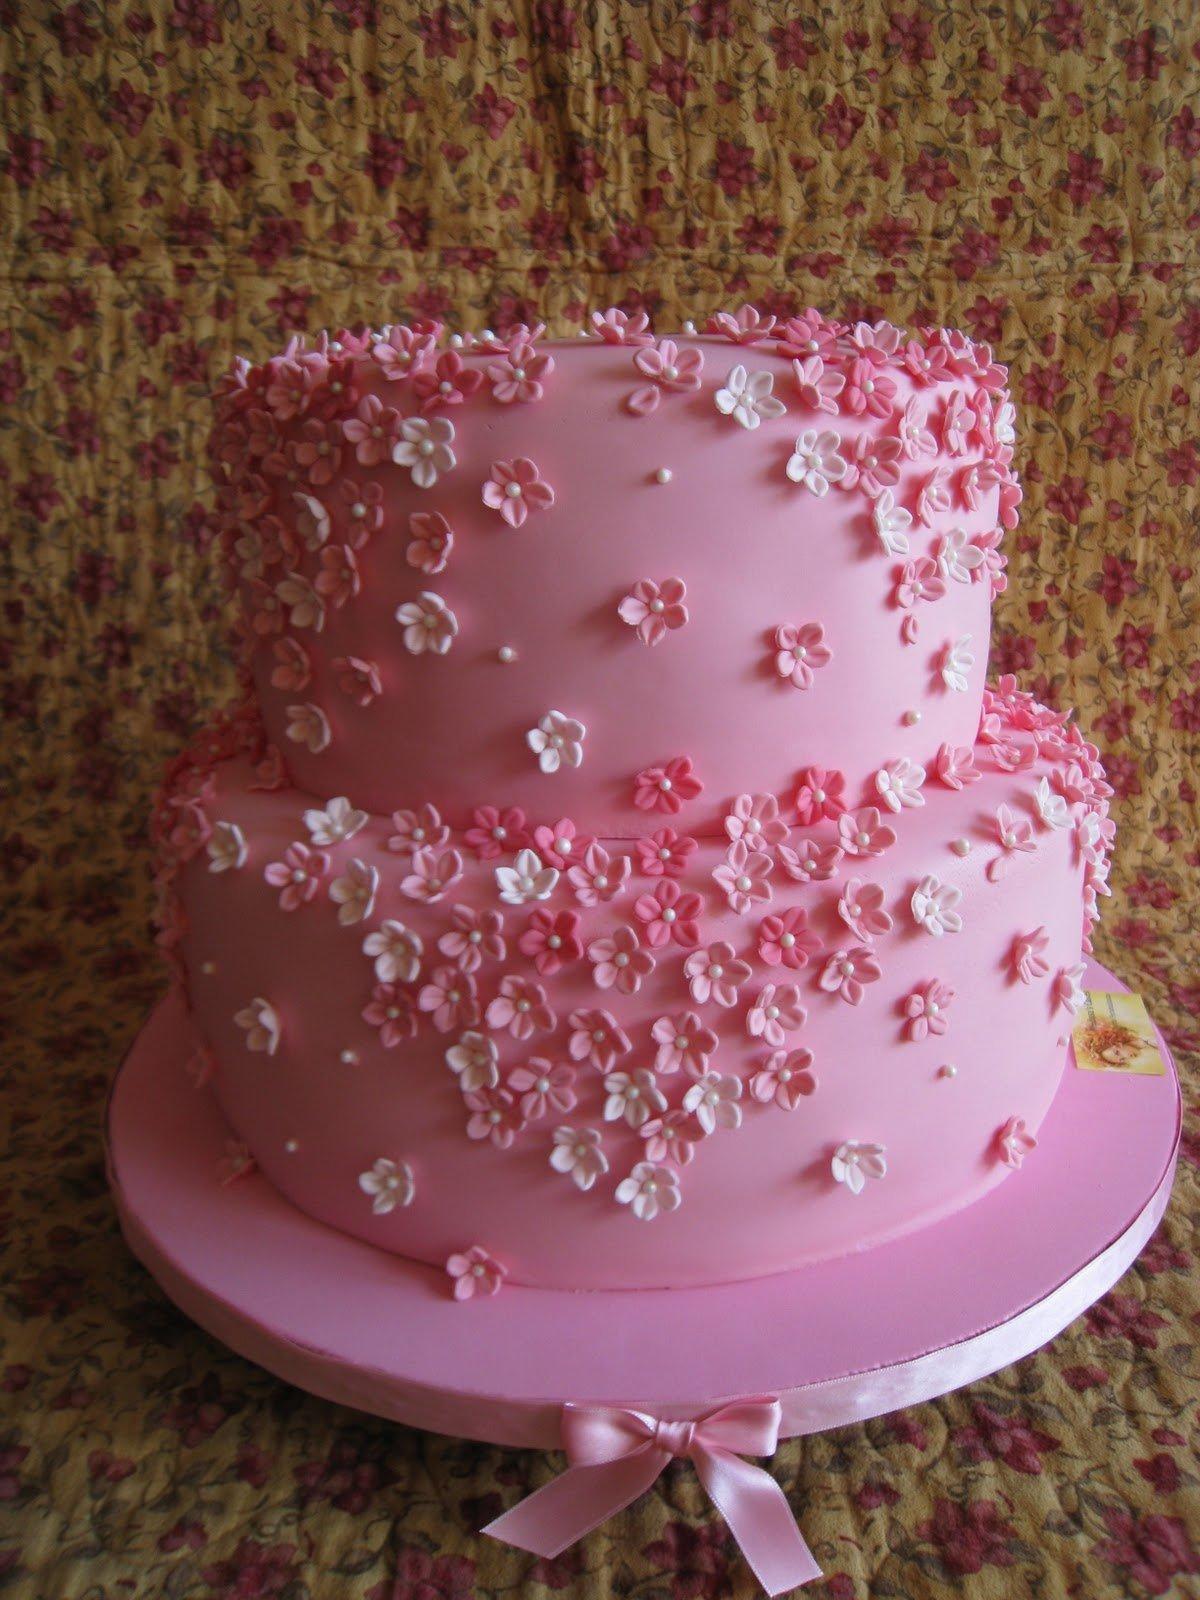 La mejor tarta para una fiesta de quince cumpleaños